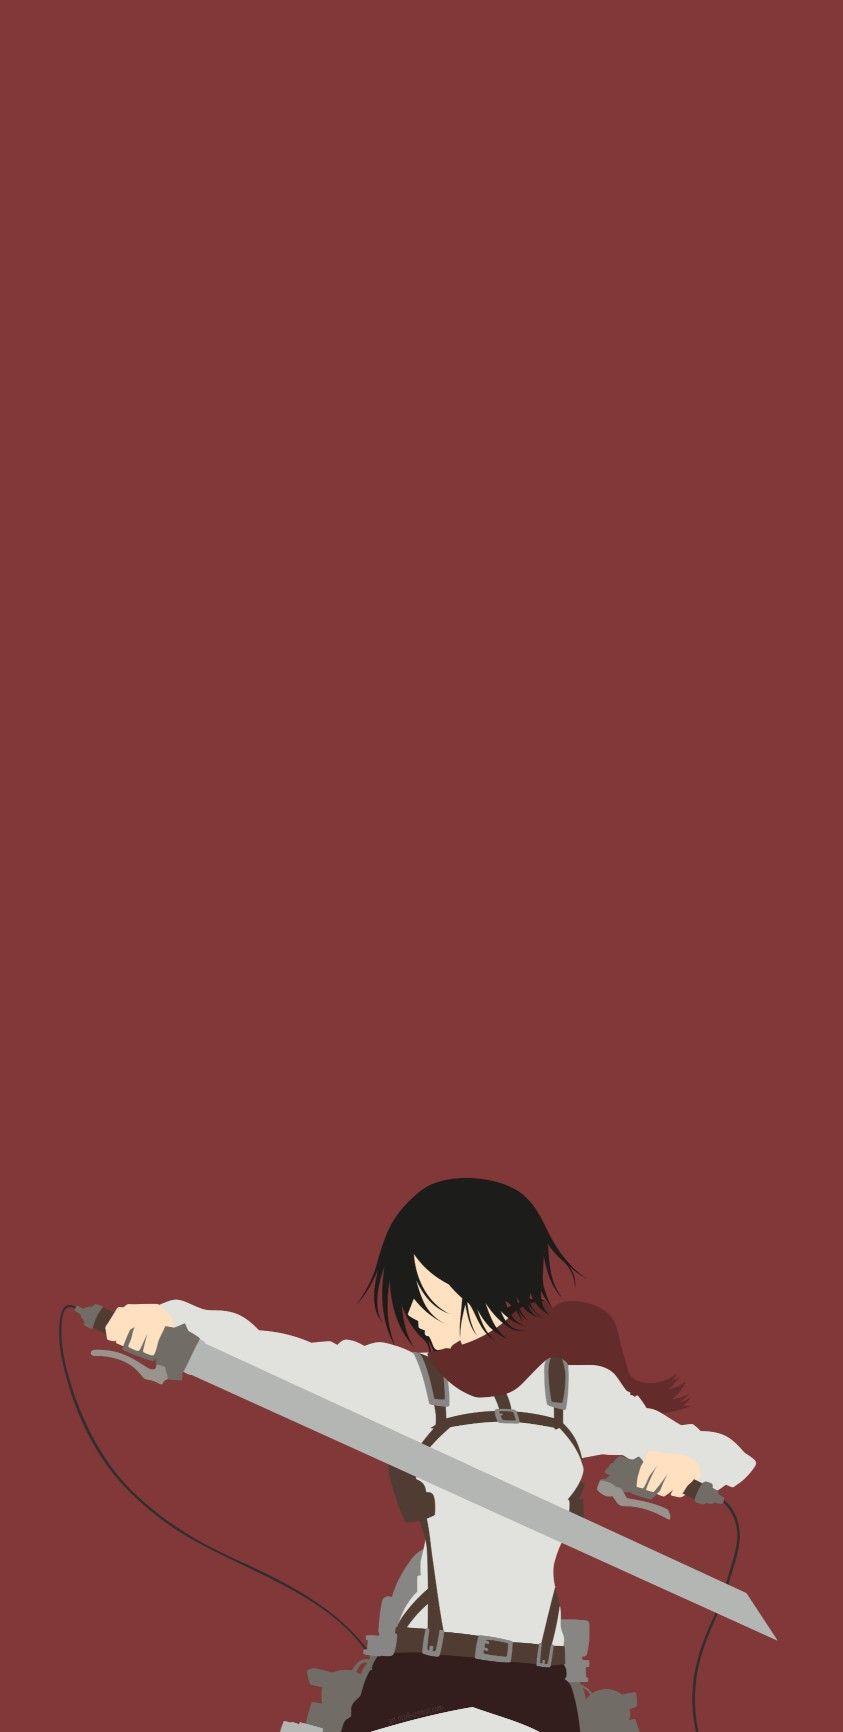 Mikasa Ackerman Minimalist Wallpaper Em 2021 Animes Wallpapers Filmes De Anime Wallpapers Bonitos